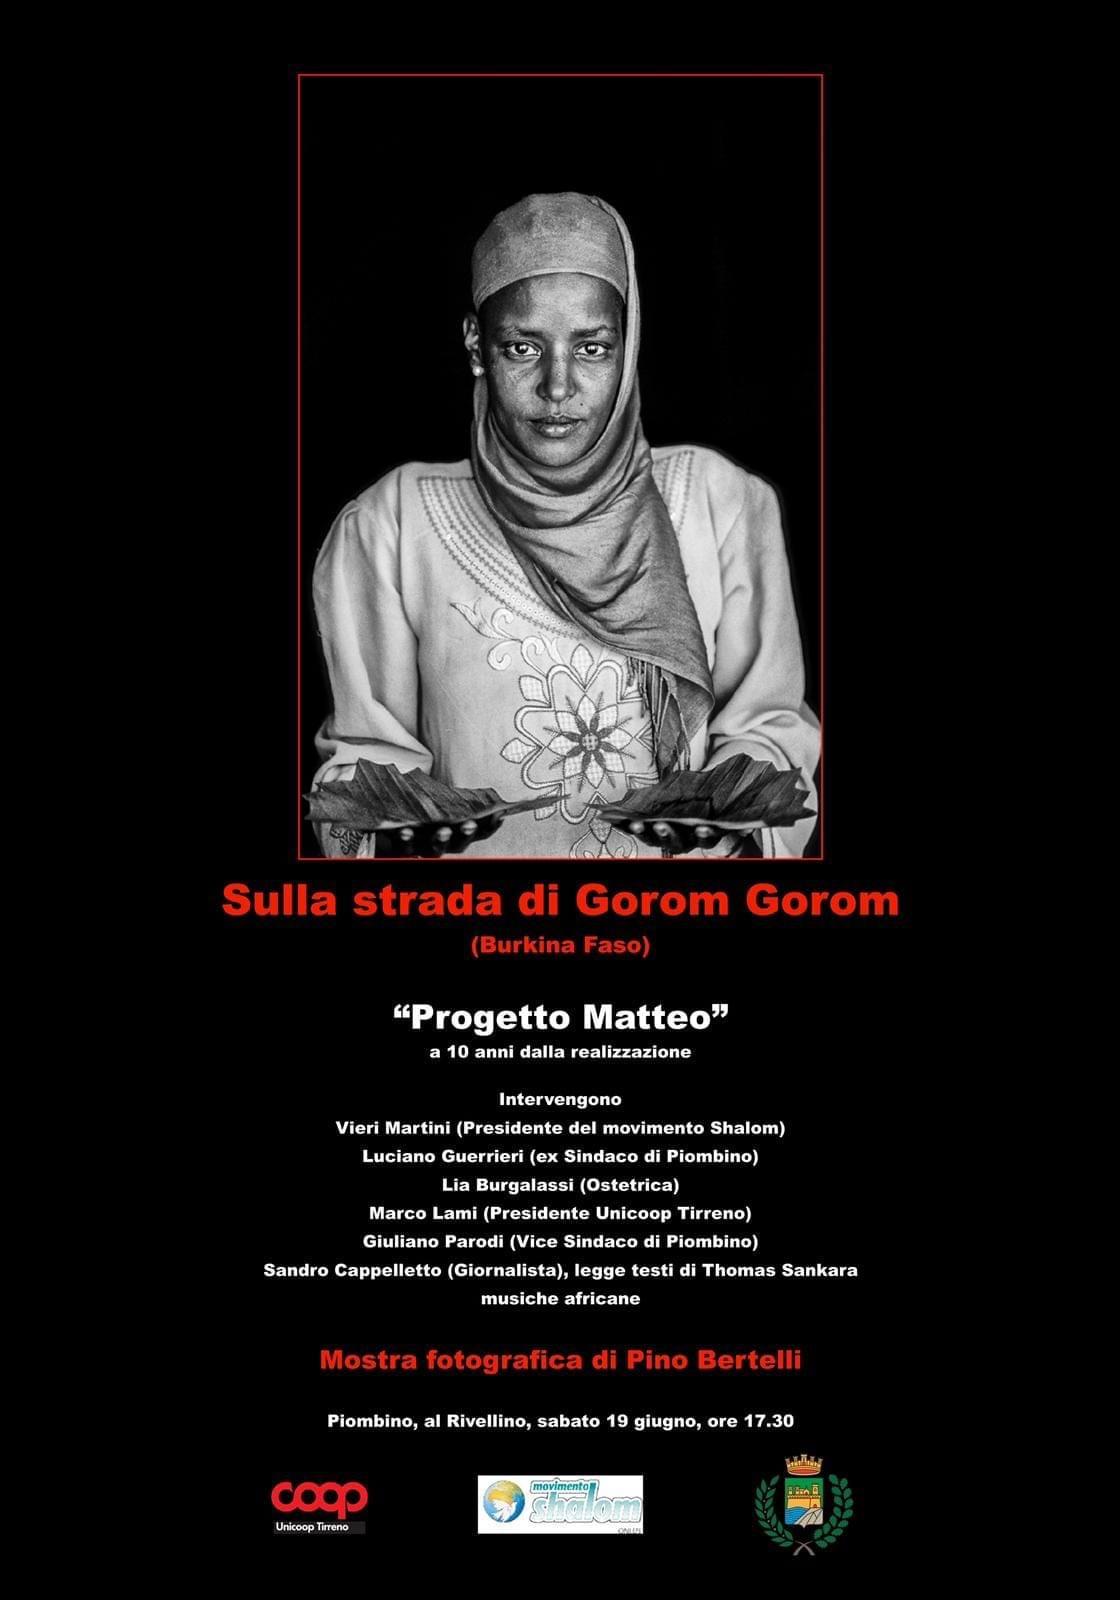 """SULLA STRADA DI GOROM GOROM, COL """"PROGETTO MATTEO"""" AL RIVELLINO LE FOTO DEL BURKINA FASO DI PINO BERTELLI"""